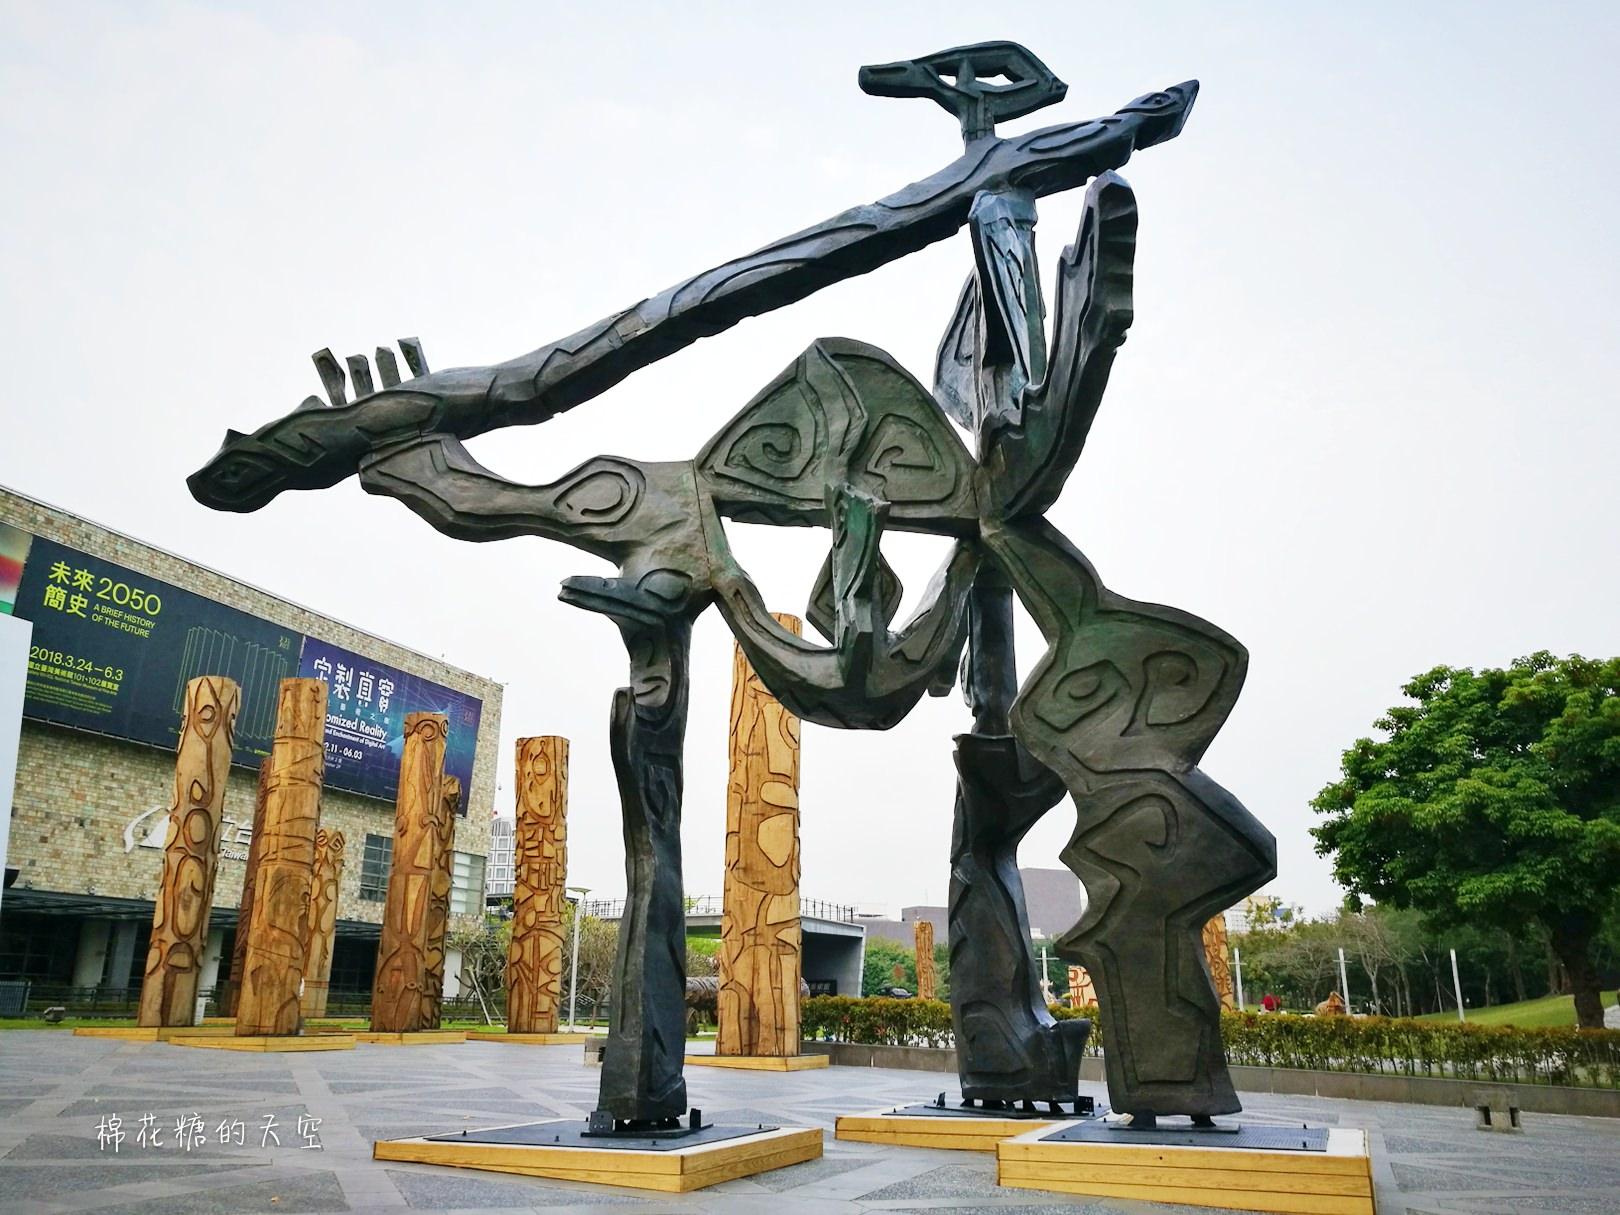 20180319190519 36 - 國立美術館被外星人佔據了?!五層樓高巨型雕塑被巨木圍繞好像電影場景!吳炫三回顧展